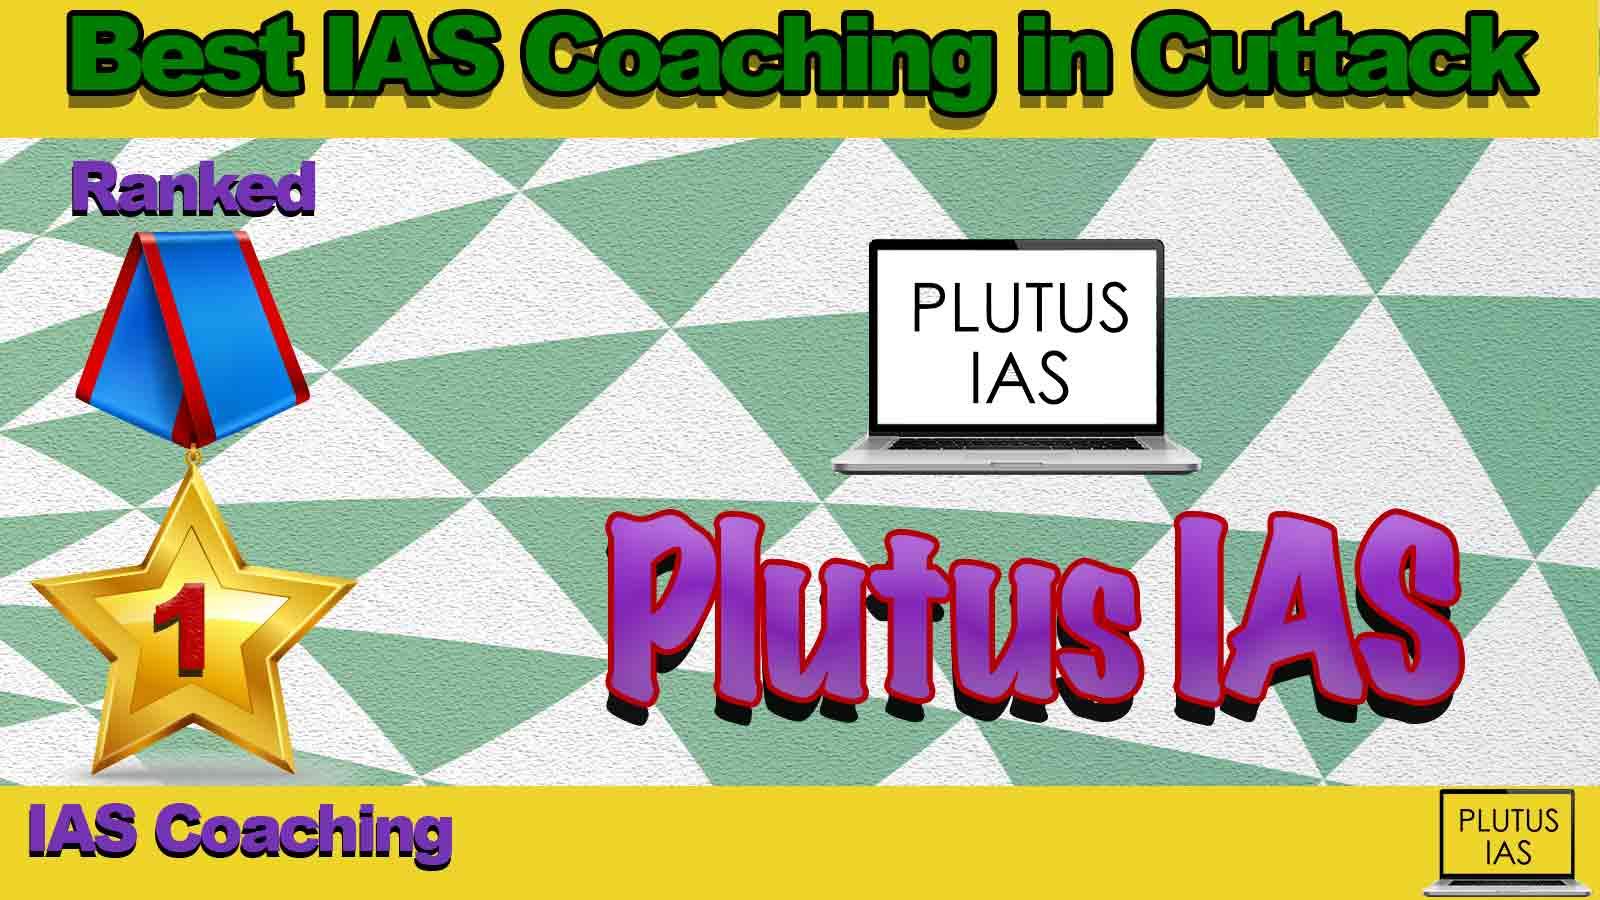 Best IAS Coaching in Cuttack